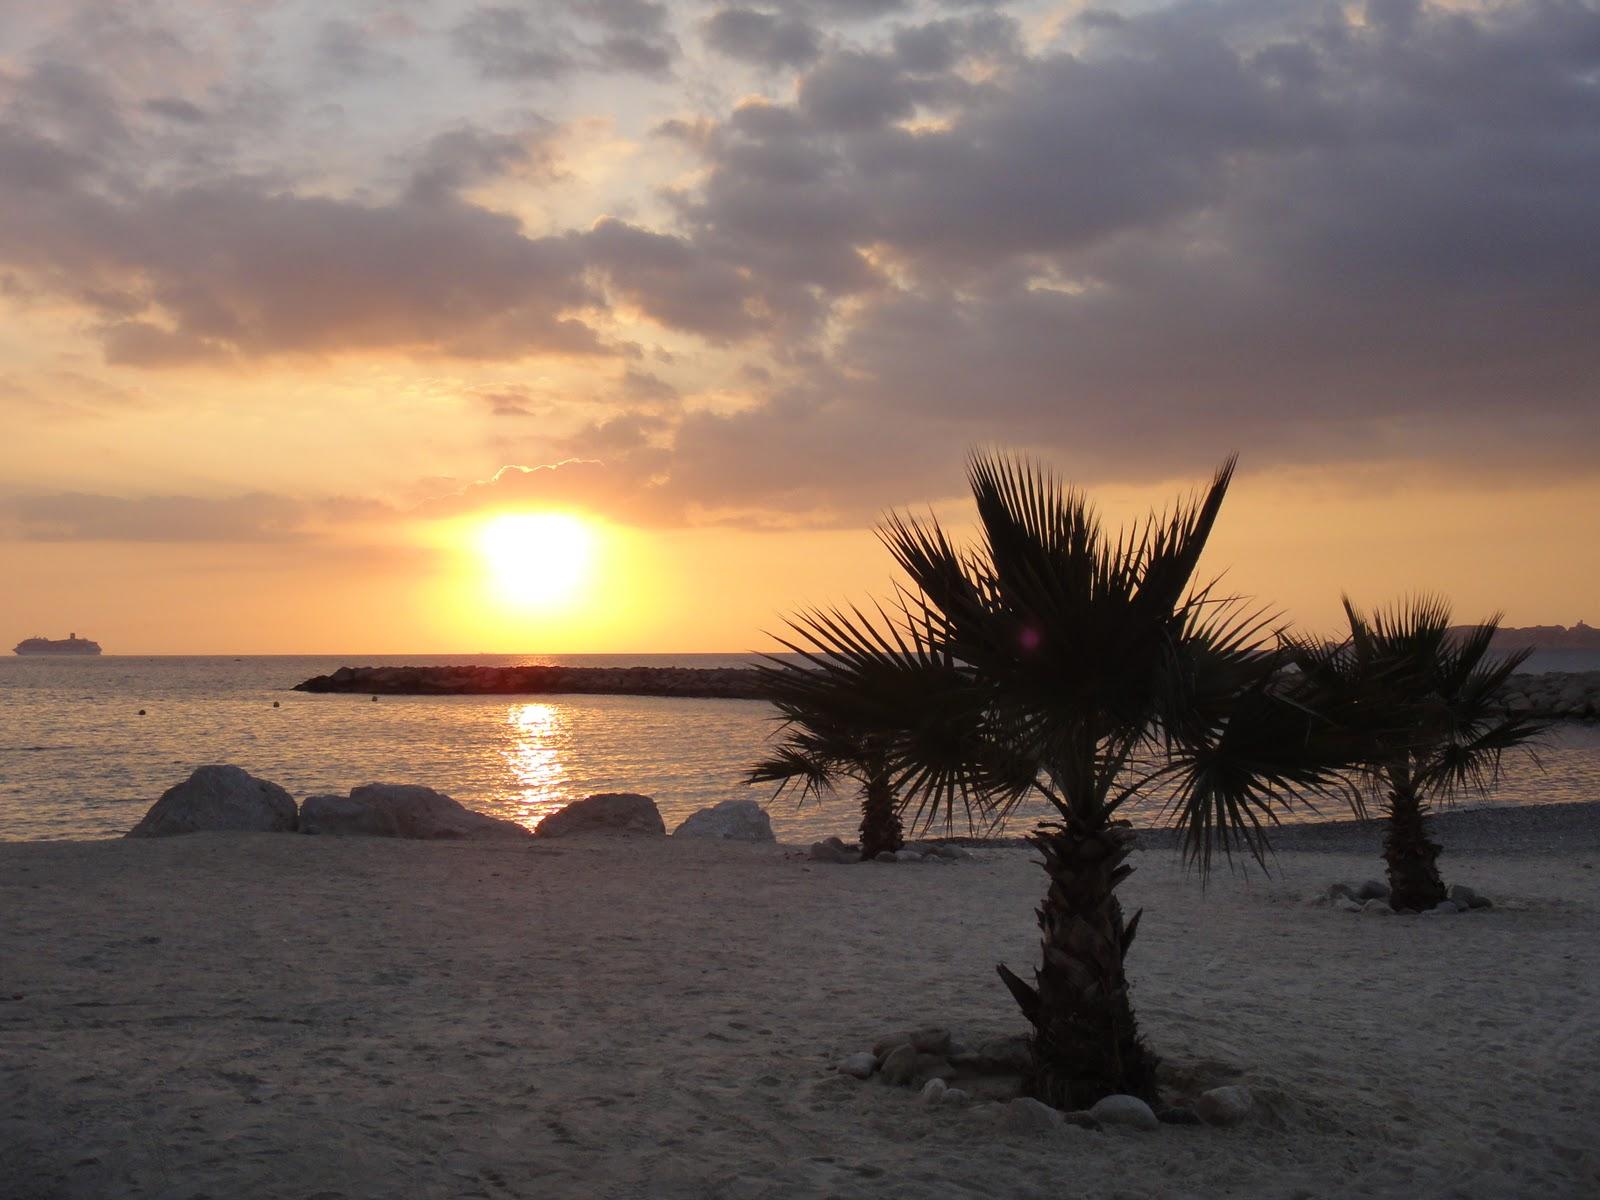 Le prado marseille coucher de soleil sunset - Coucher de soleil marseille ...